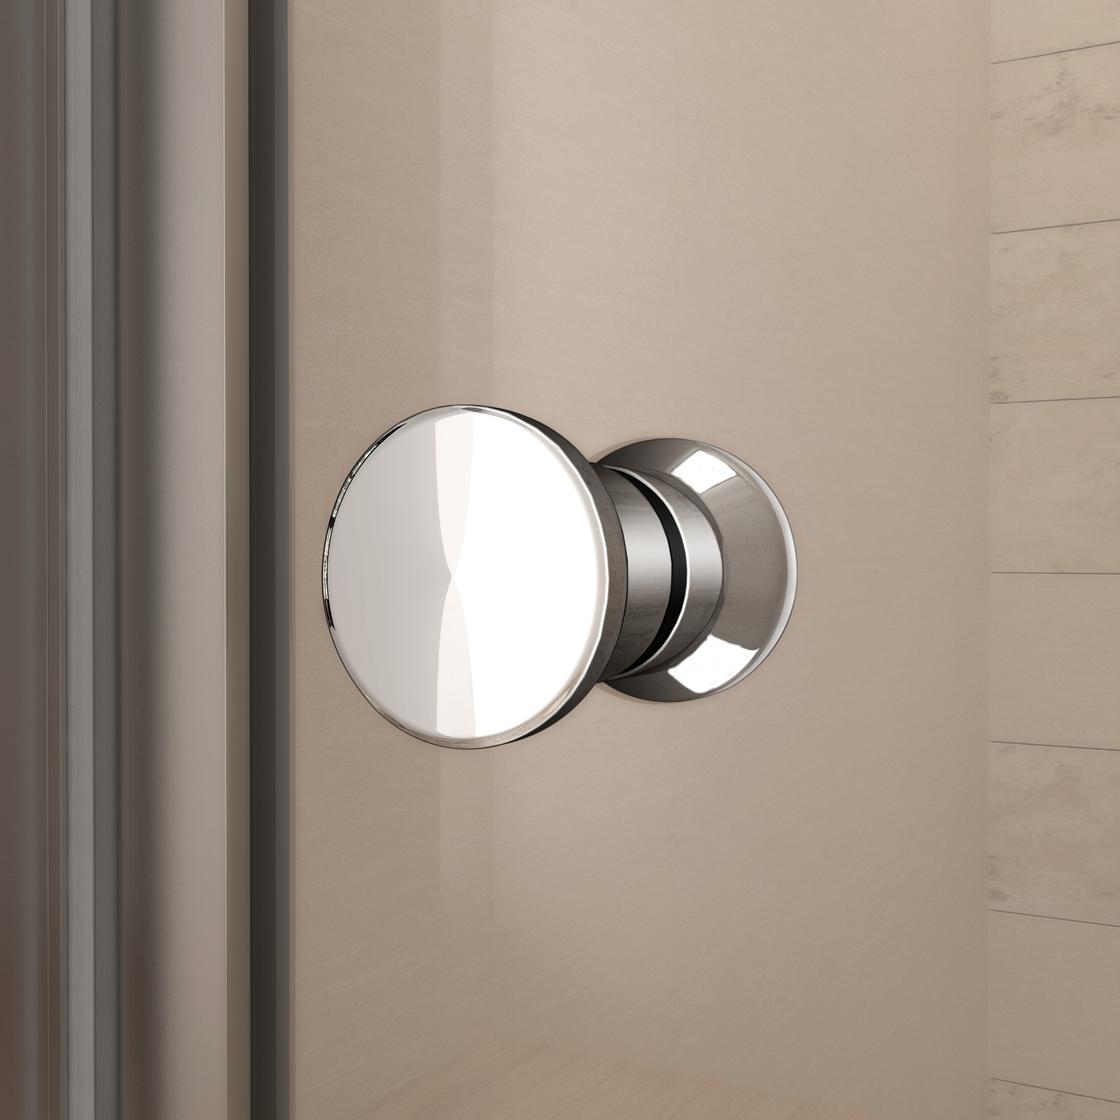 100x185cm duschabtrennung duschwand walk in dusche klapptür ... - Dusche Klapptur